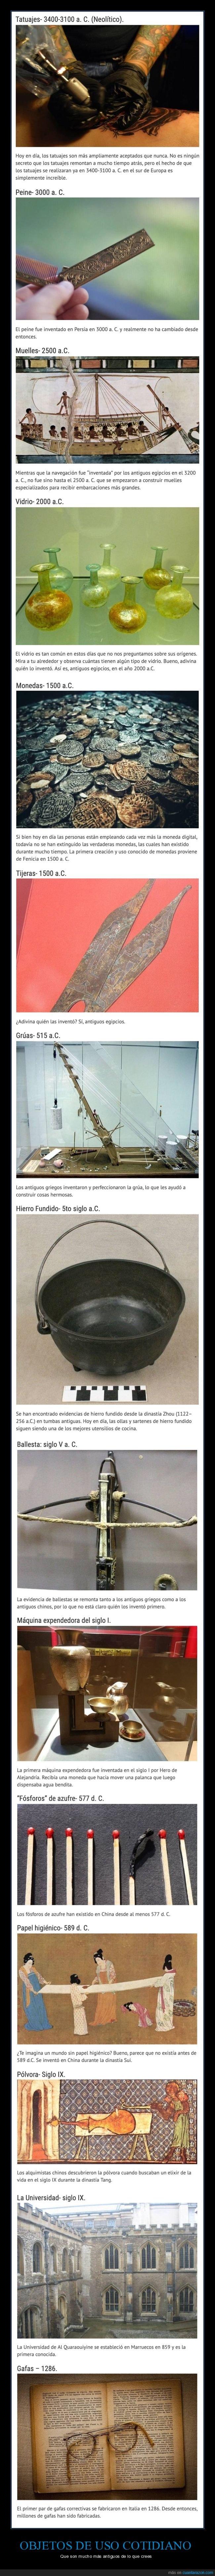 antiguos,curiosidades,objetos